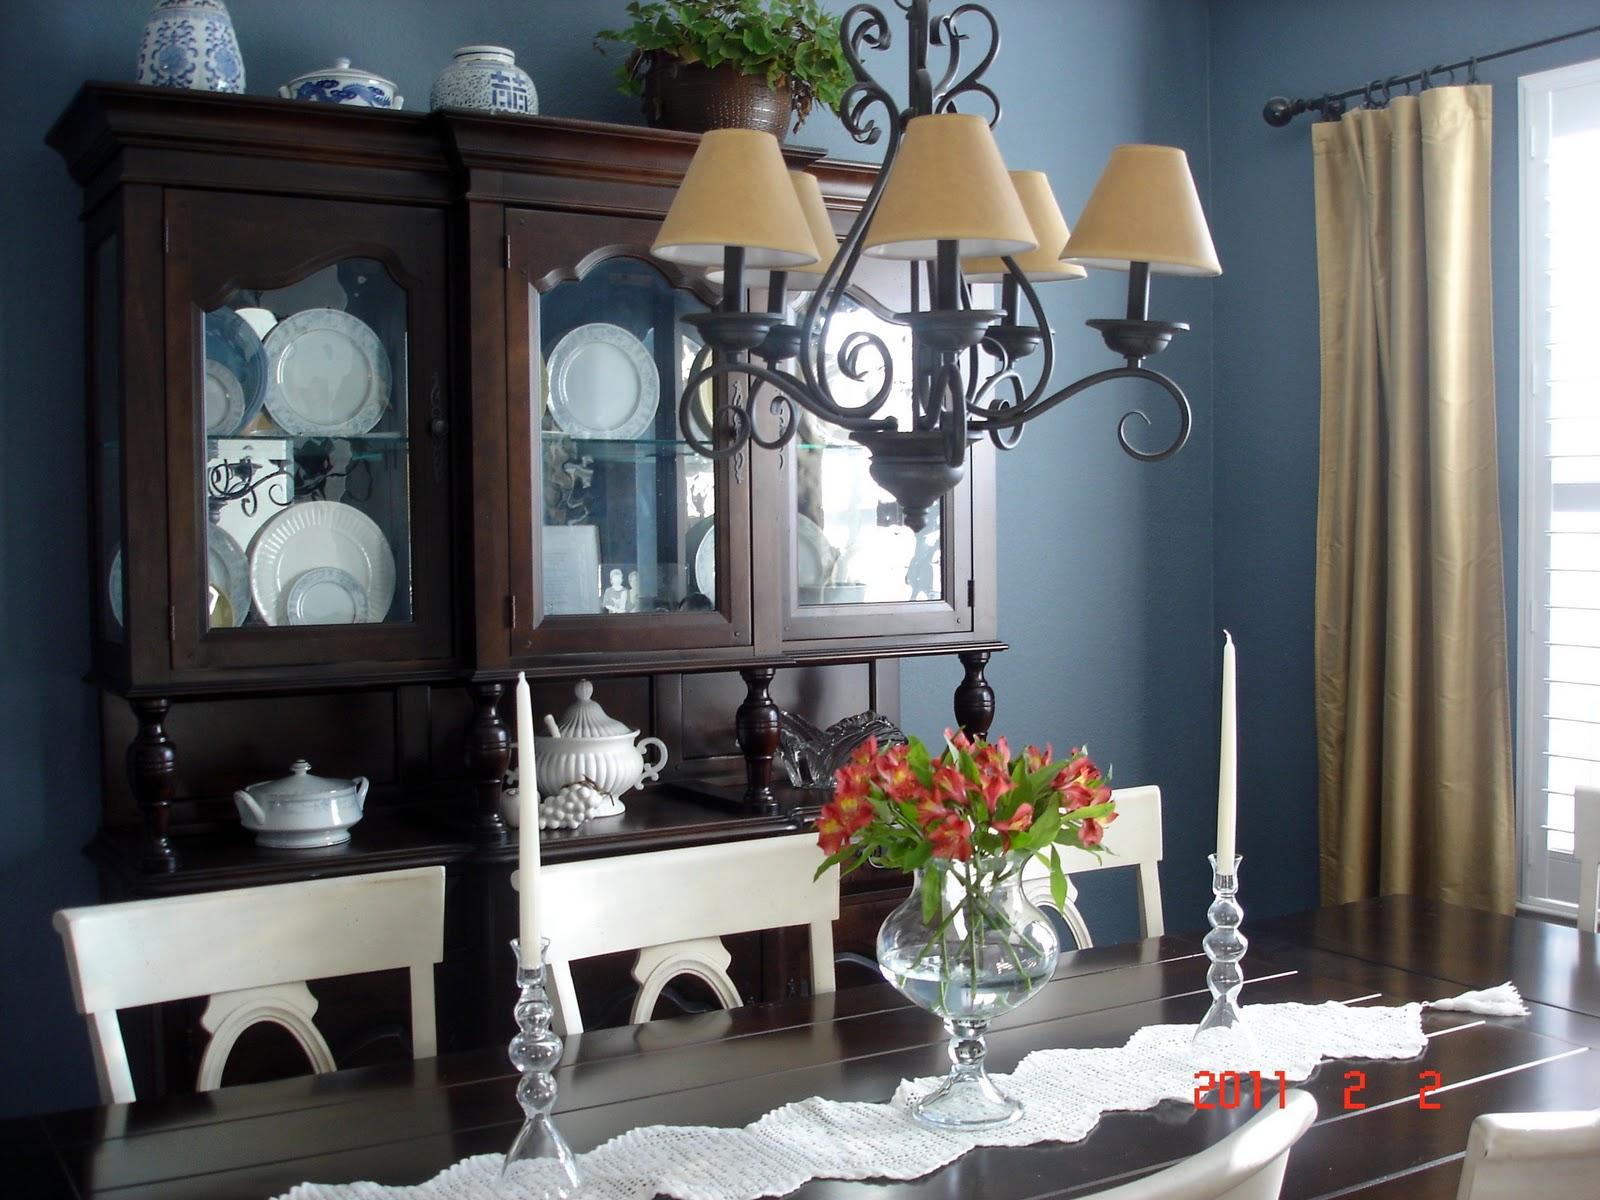 A Sierra Home Paint Color